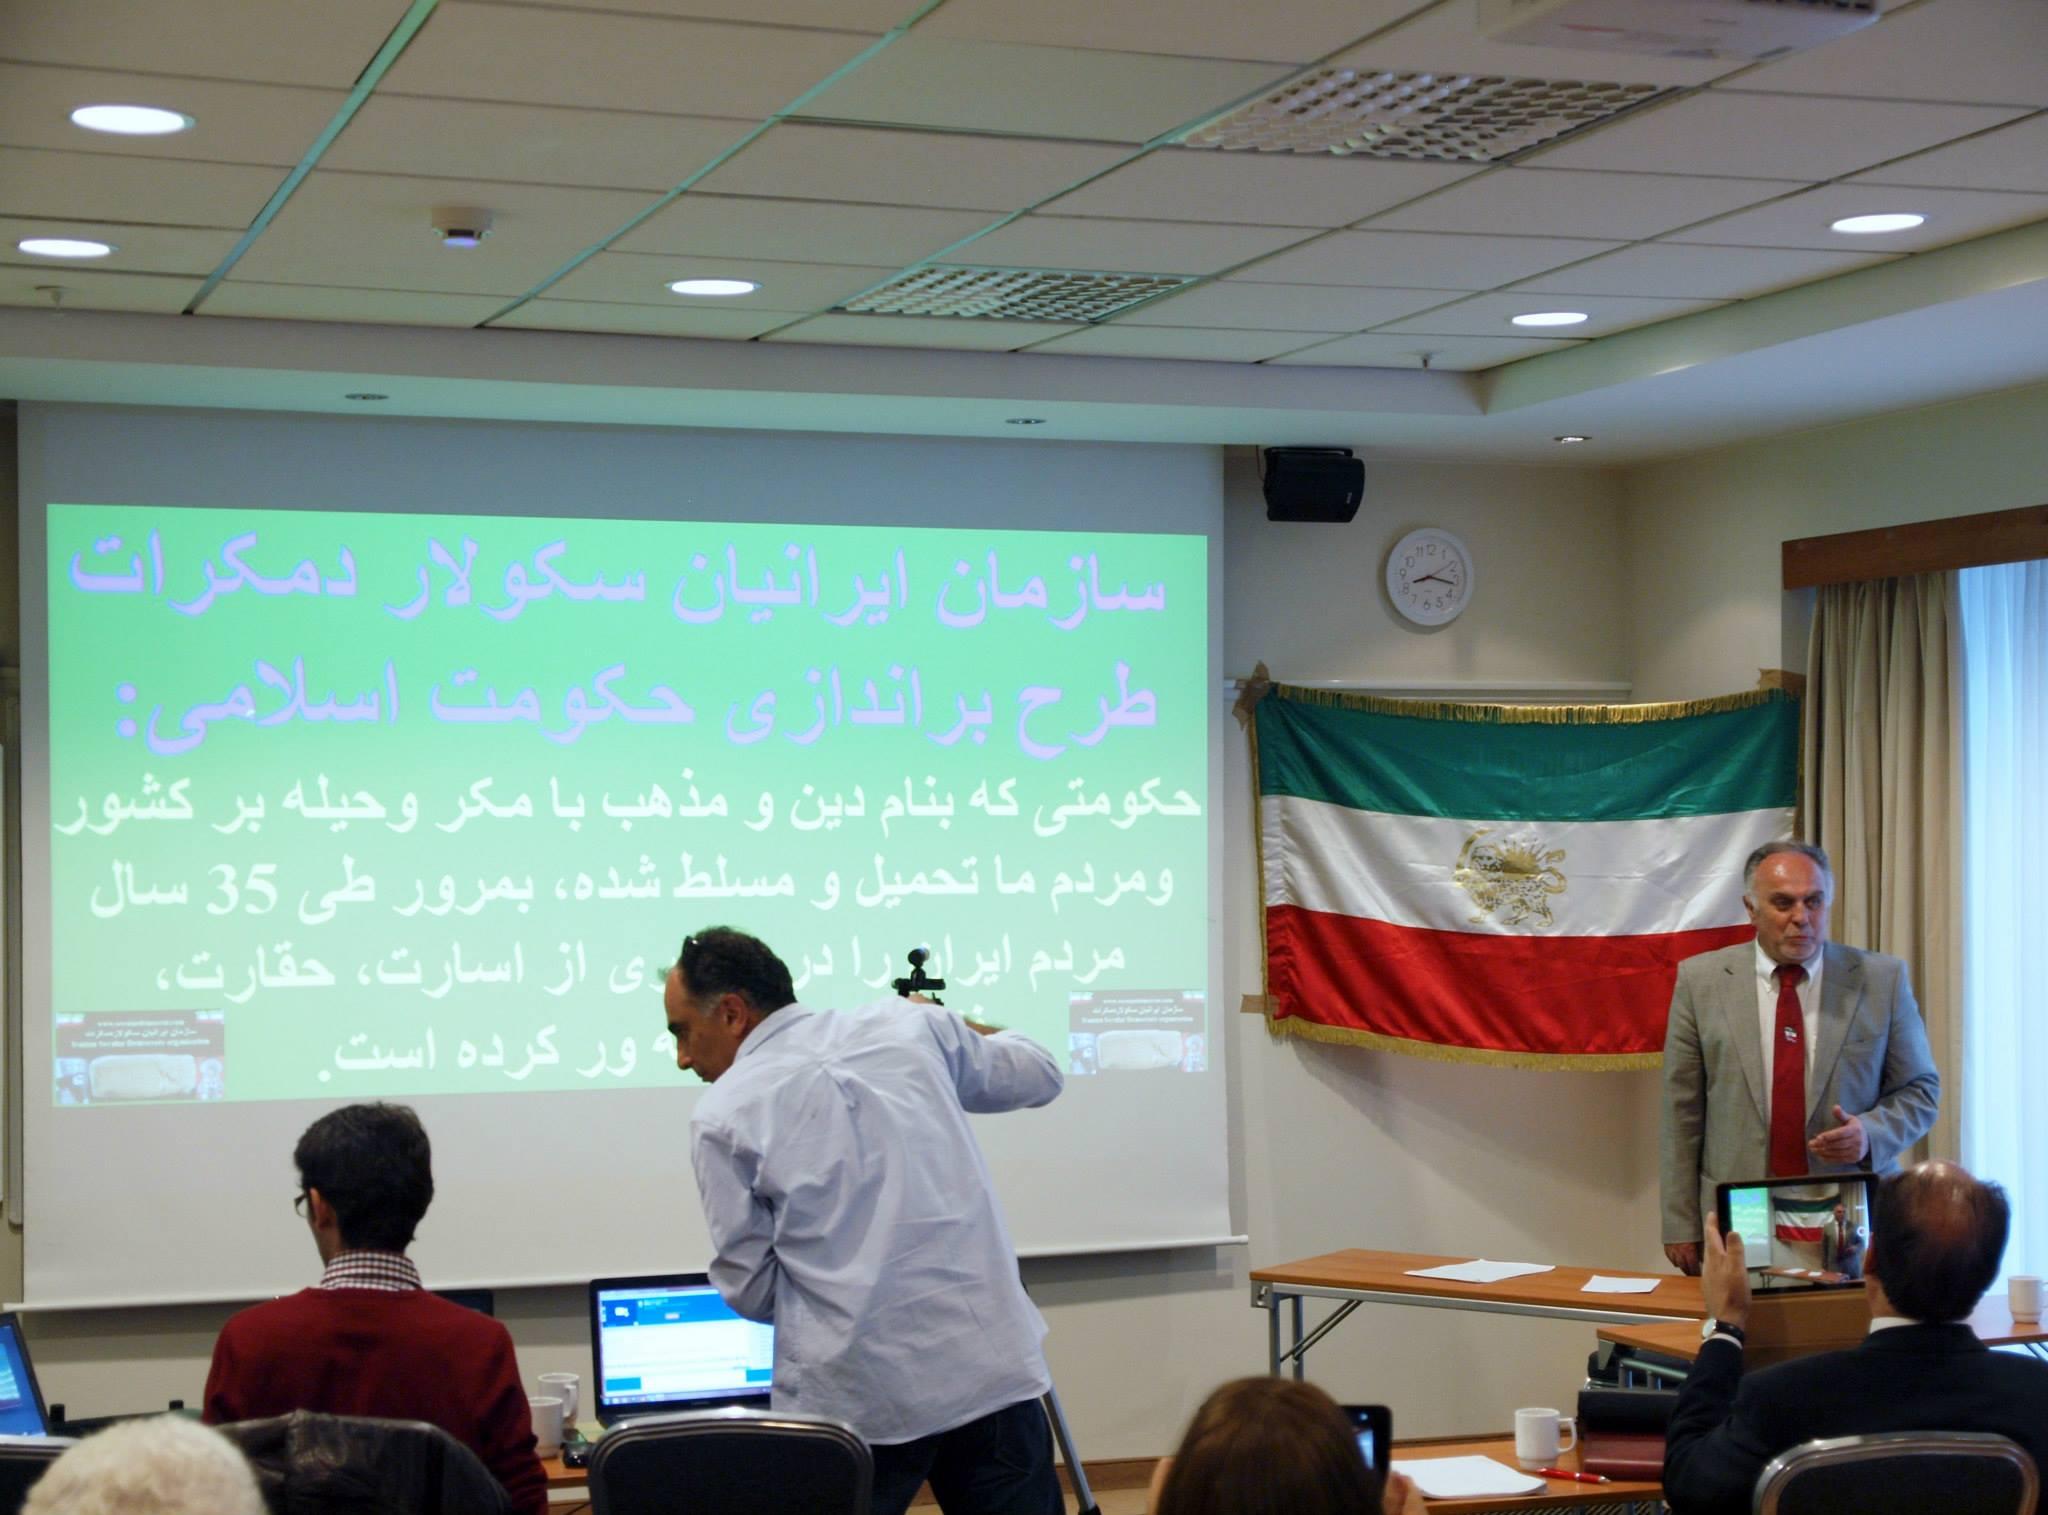 سخنرانی دکتربهرام آبار در نشست اسلو/نروژ: ایران با سکولار دمکراسی و بدون جمهوری اسلامی